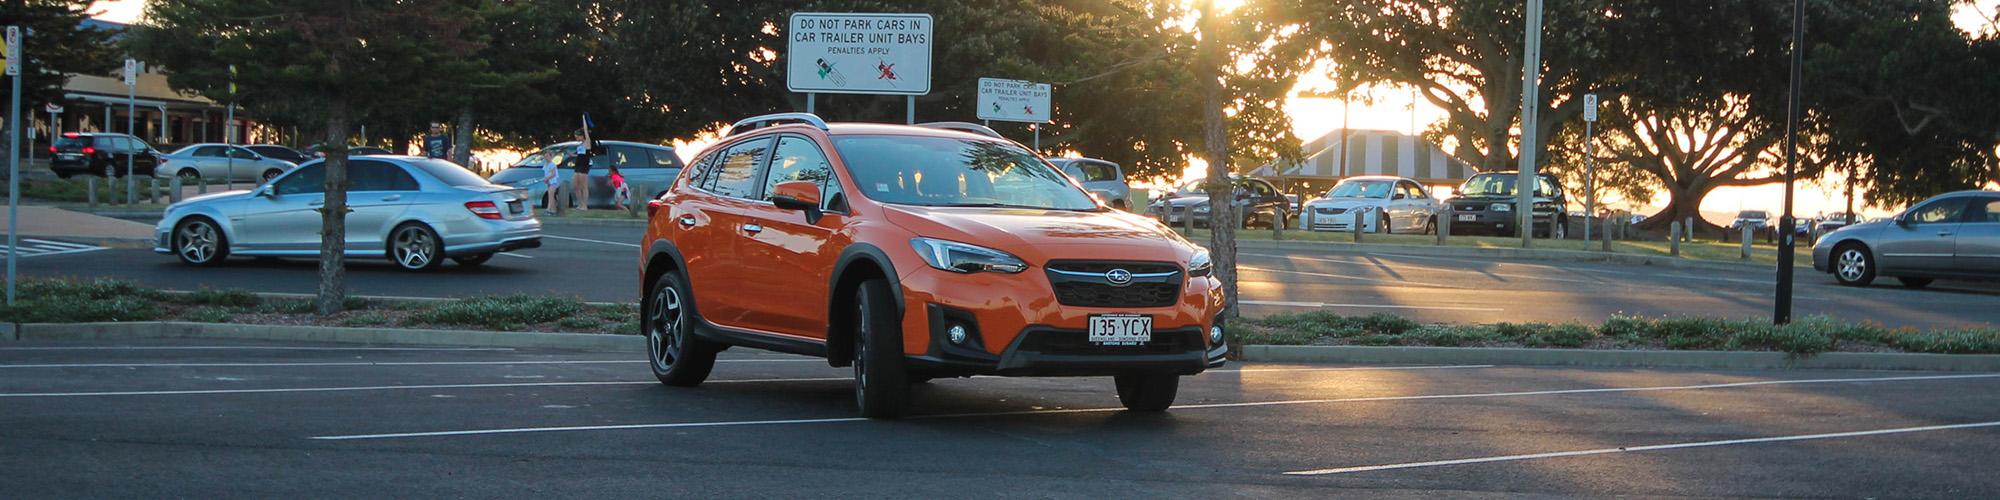 2018/2019 Subaru XV - Redlands/Bayside